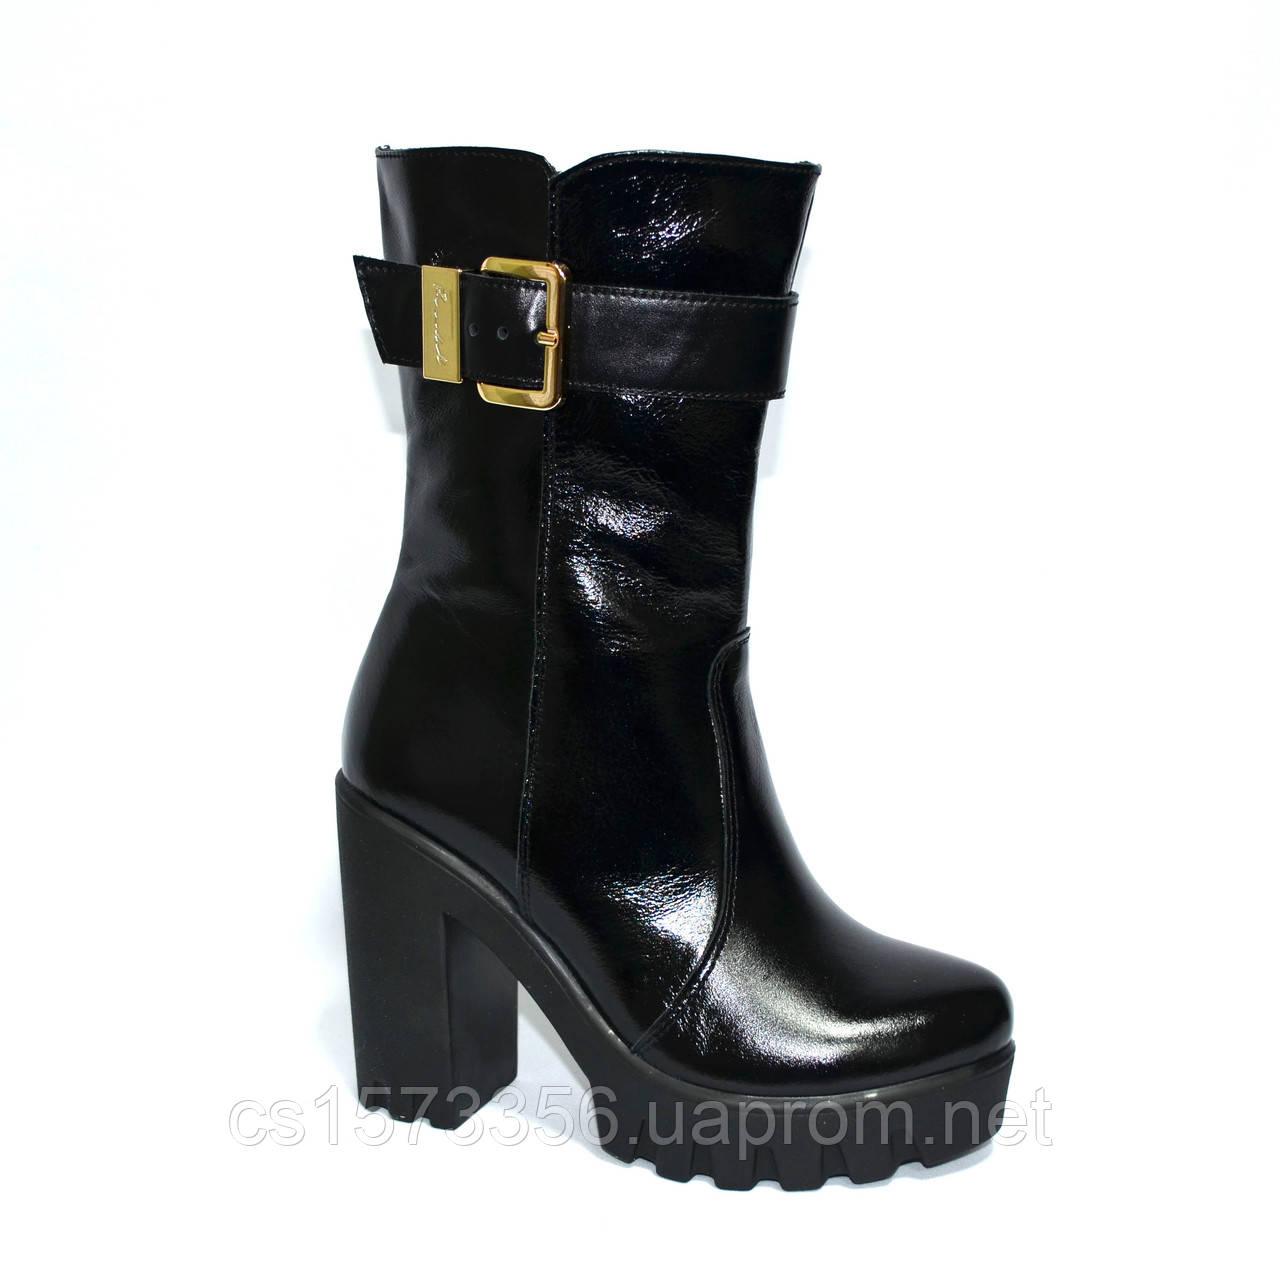 Женские лаковые ботинки демисезонные на тракторной подошве, декорированы ремешком.